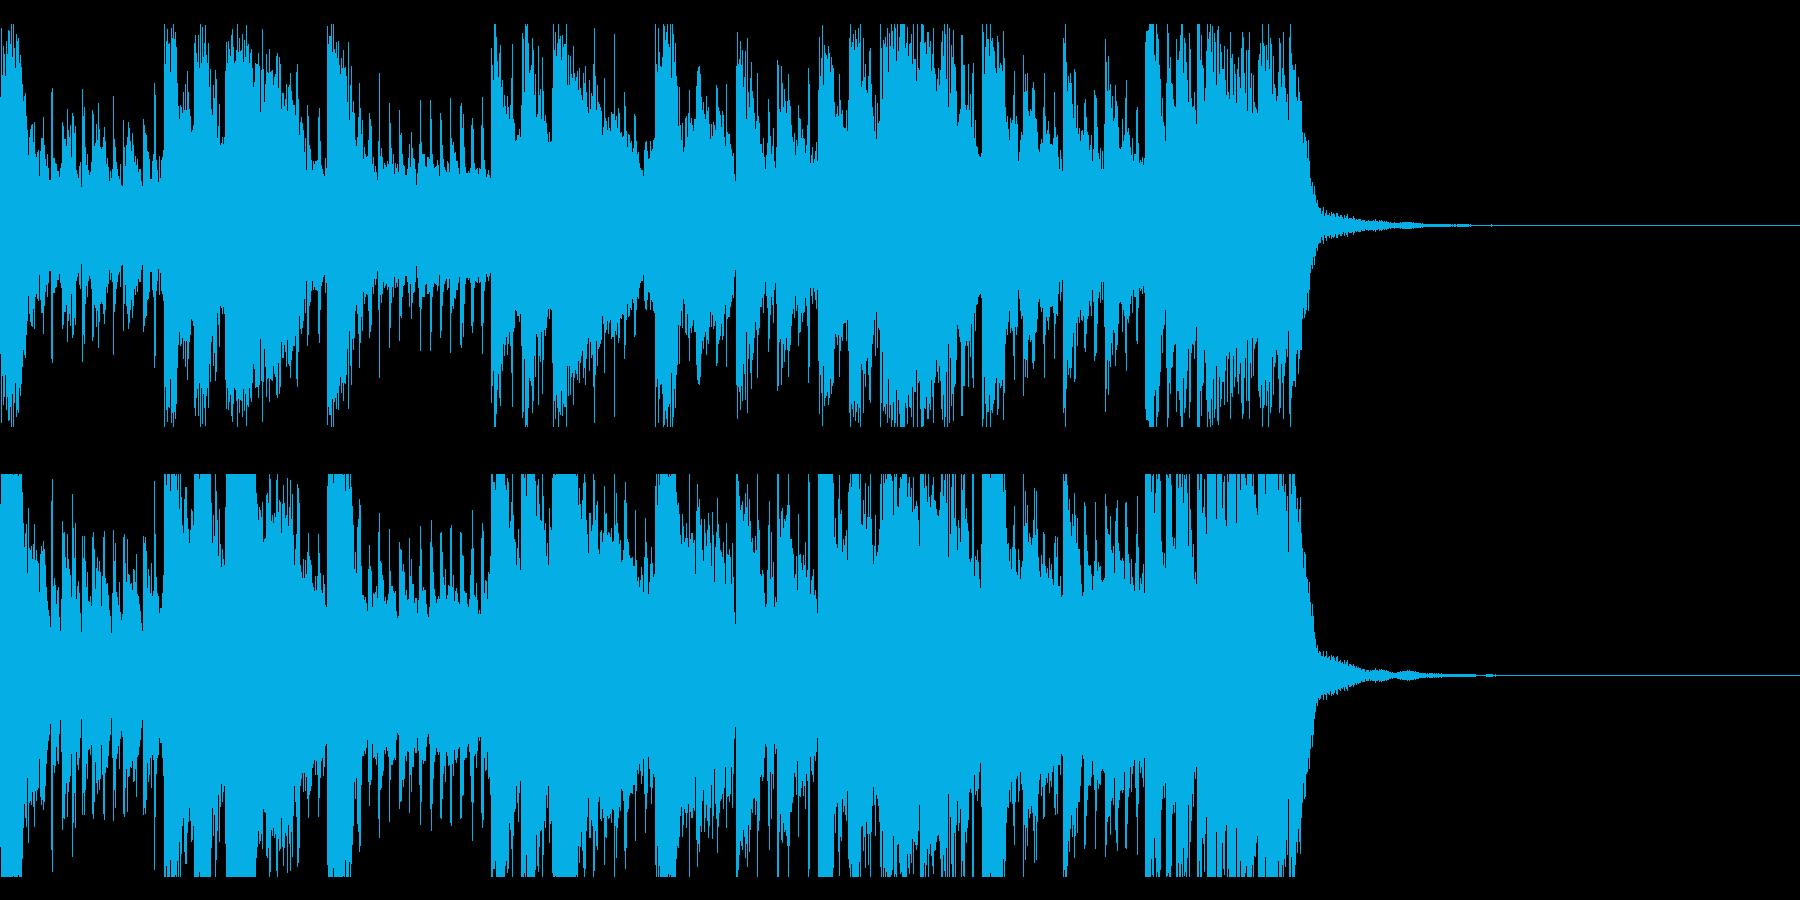 さわやかなプログレッシヴロック風ポップの再生済みの波形